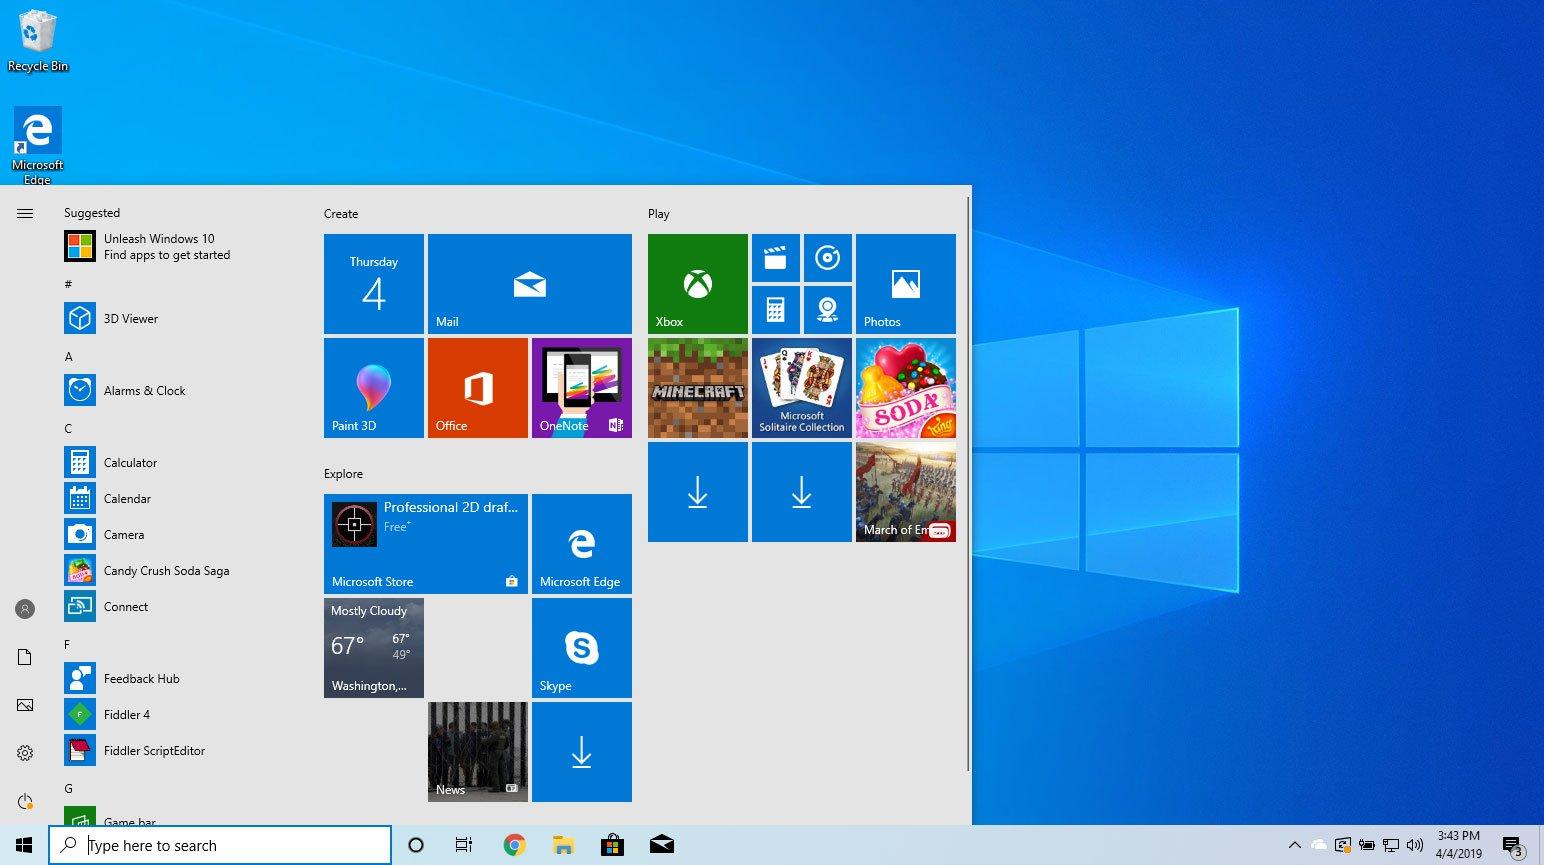 """Cài đặt Windows 10 """"sạch"""": Đâu là lựa chọn phù hợp nhất với bạn?"""